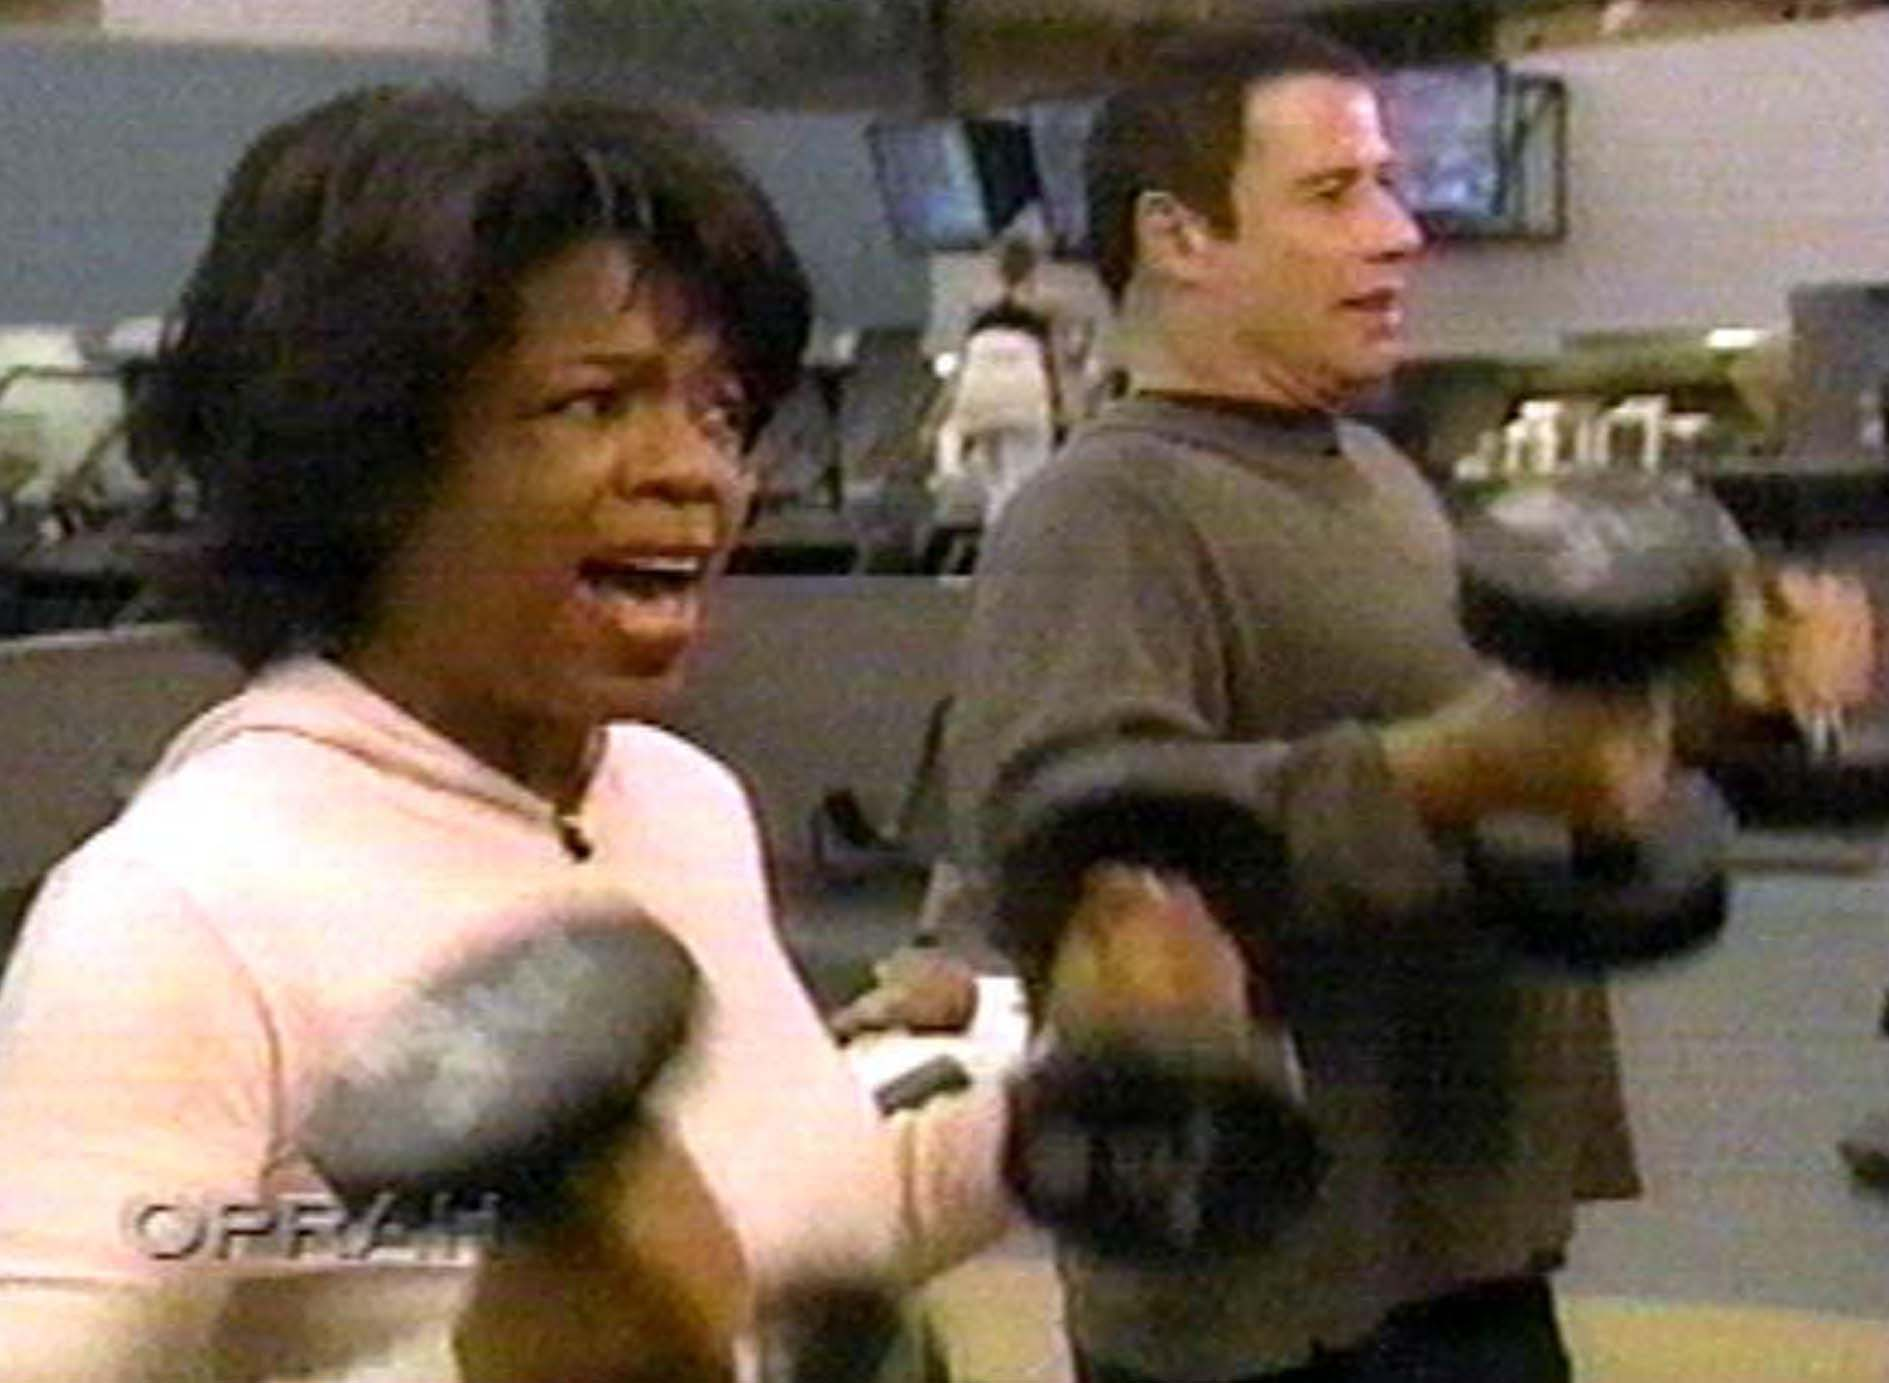 Oprah Winfrey with John Travolta in 1990